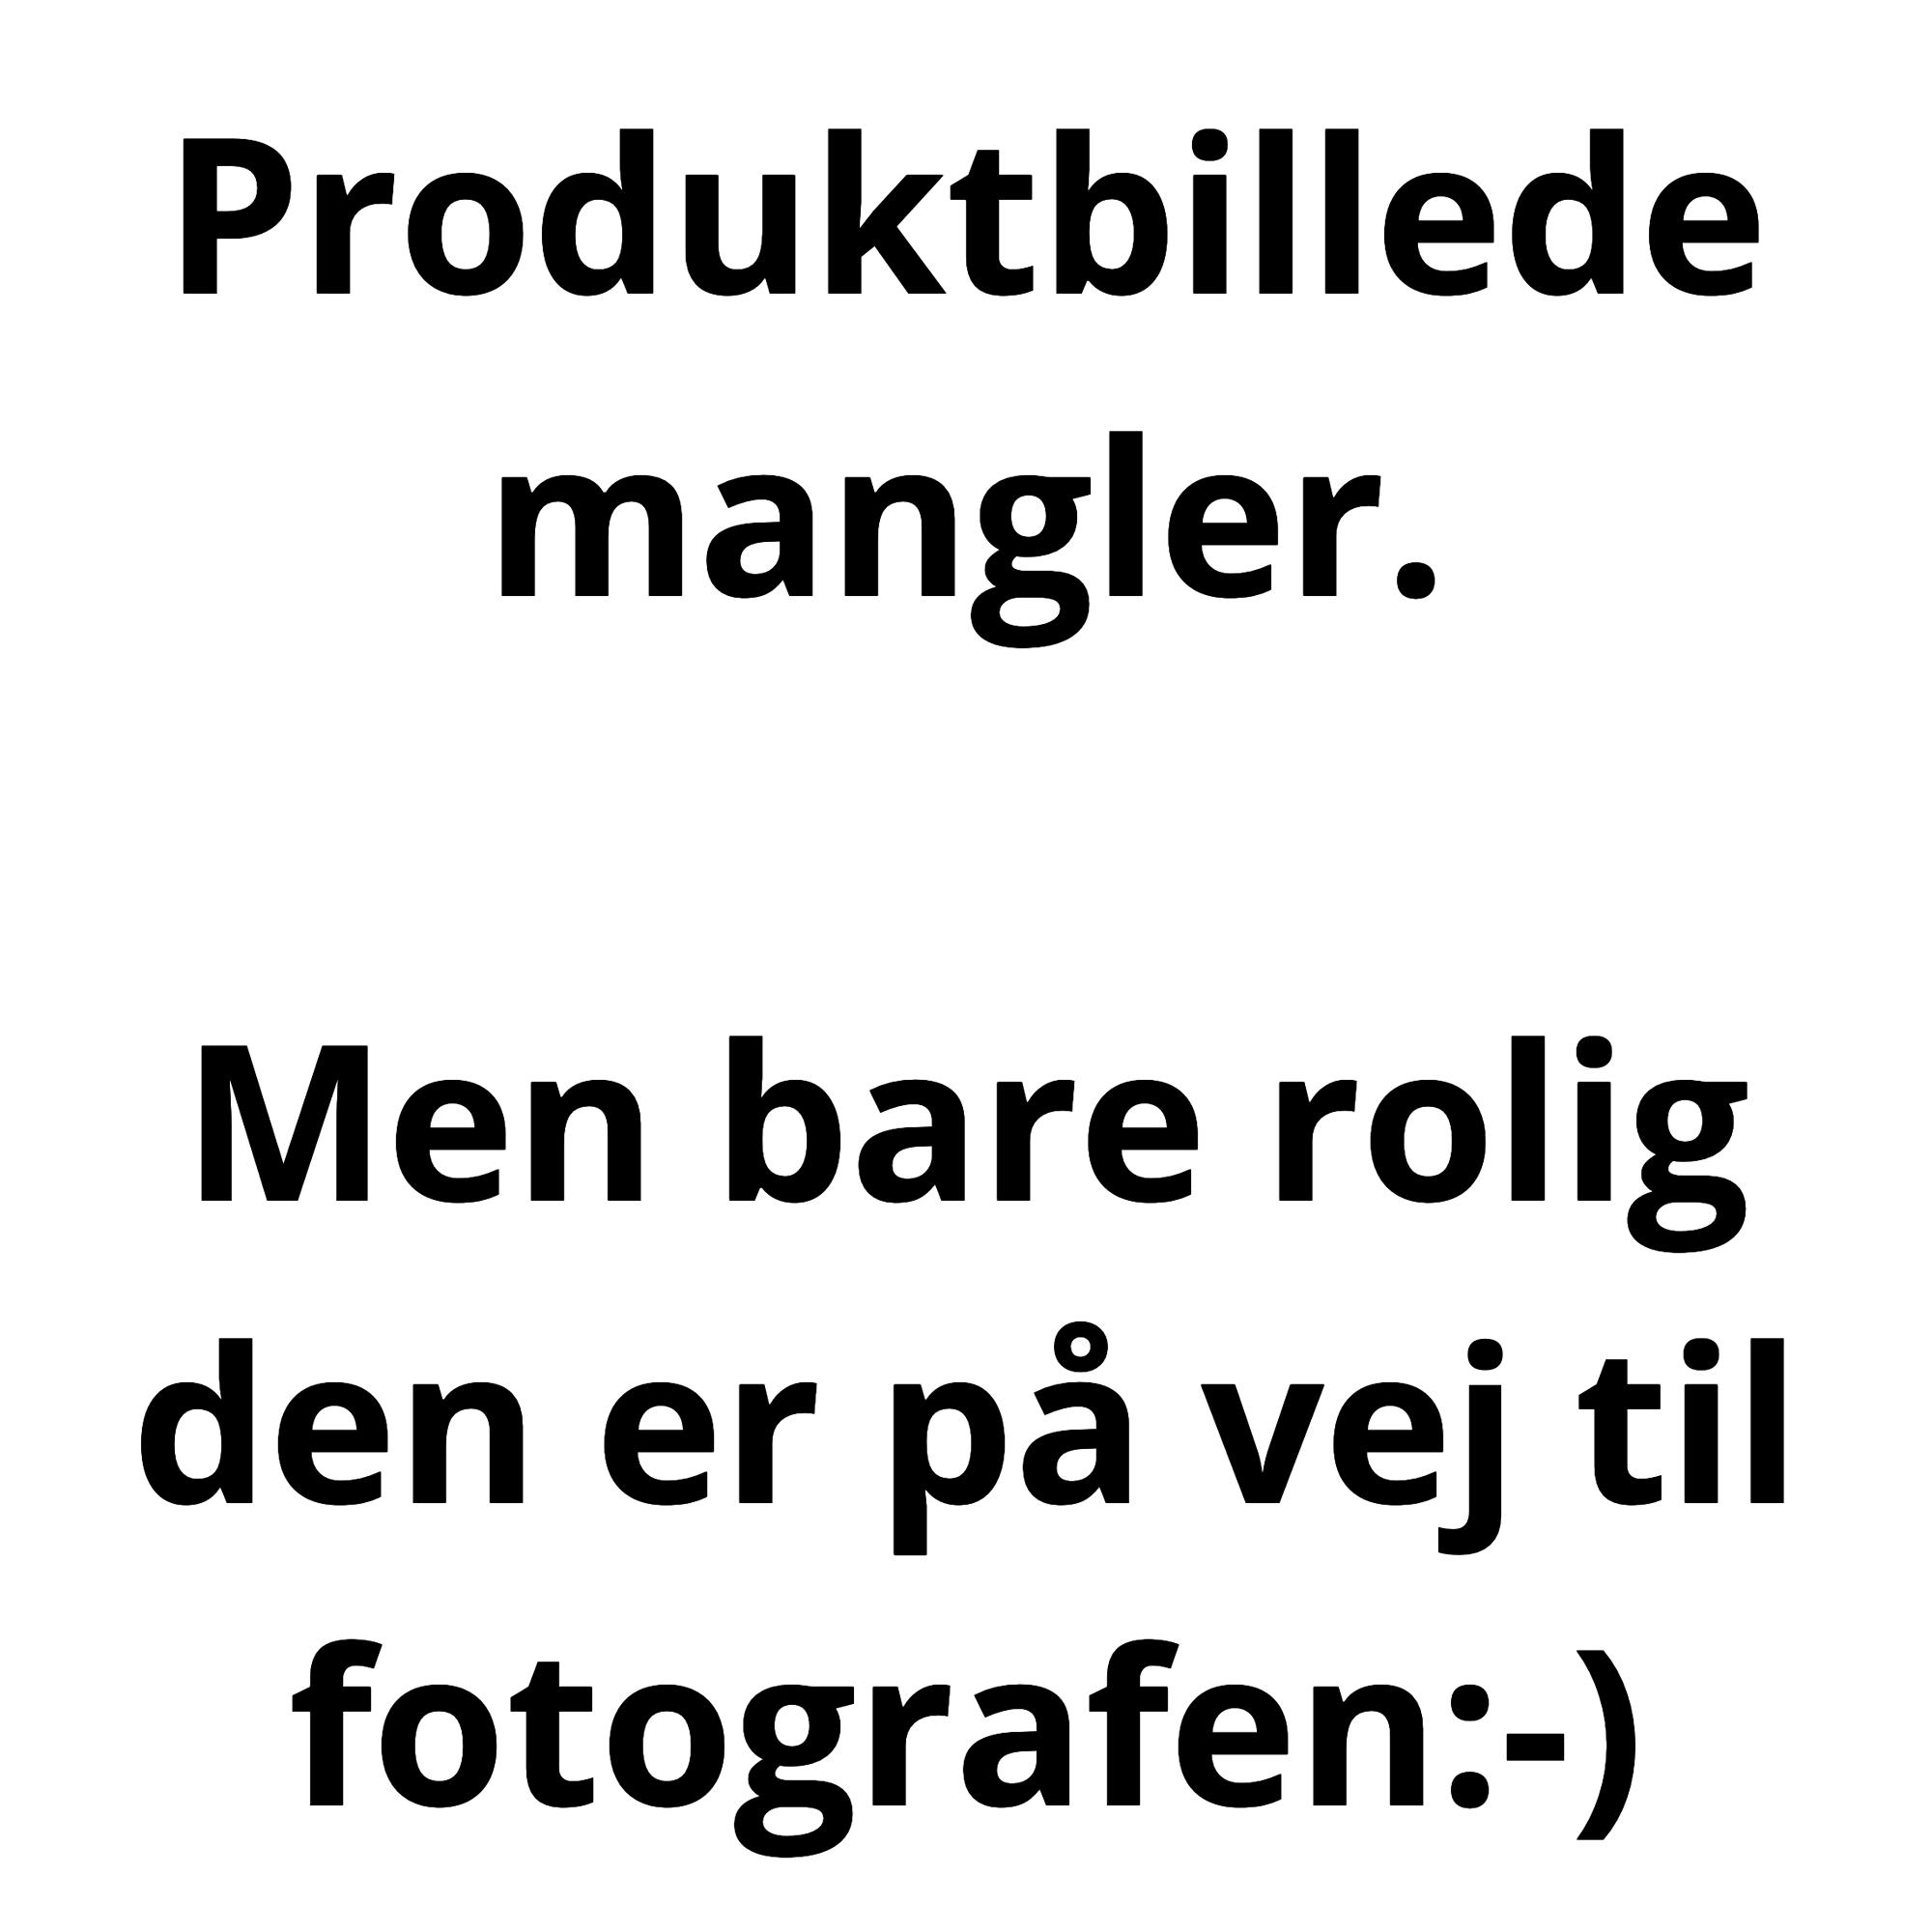 Brodit Passiv mobilholder m. kabeltilslutning 30 pins adapter til USB til Apple iPhone 5/5S/5C B:62-77 D:9-13 - 514440